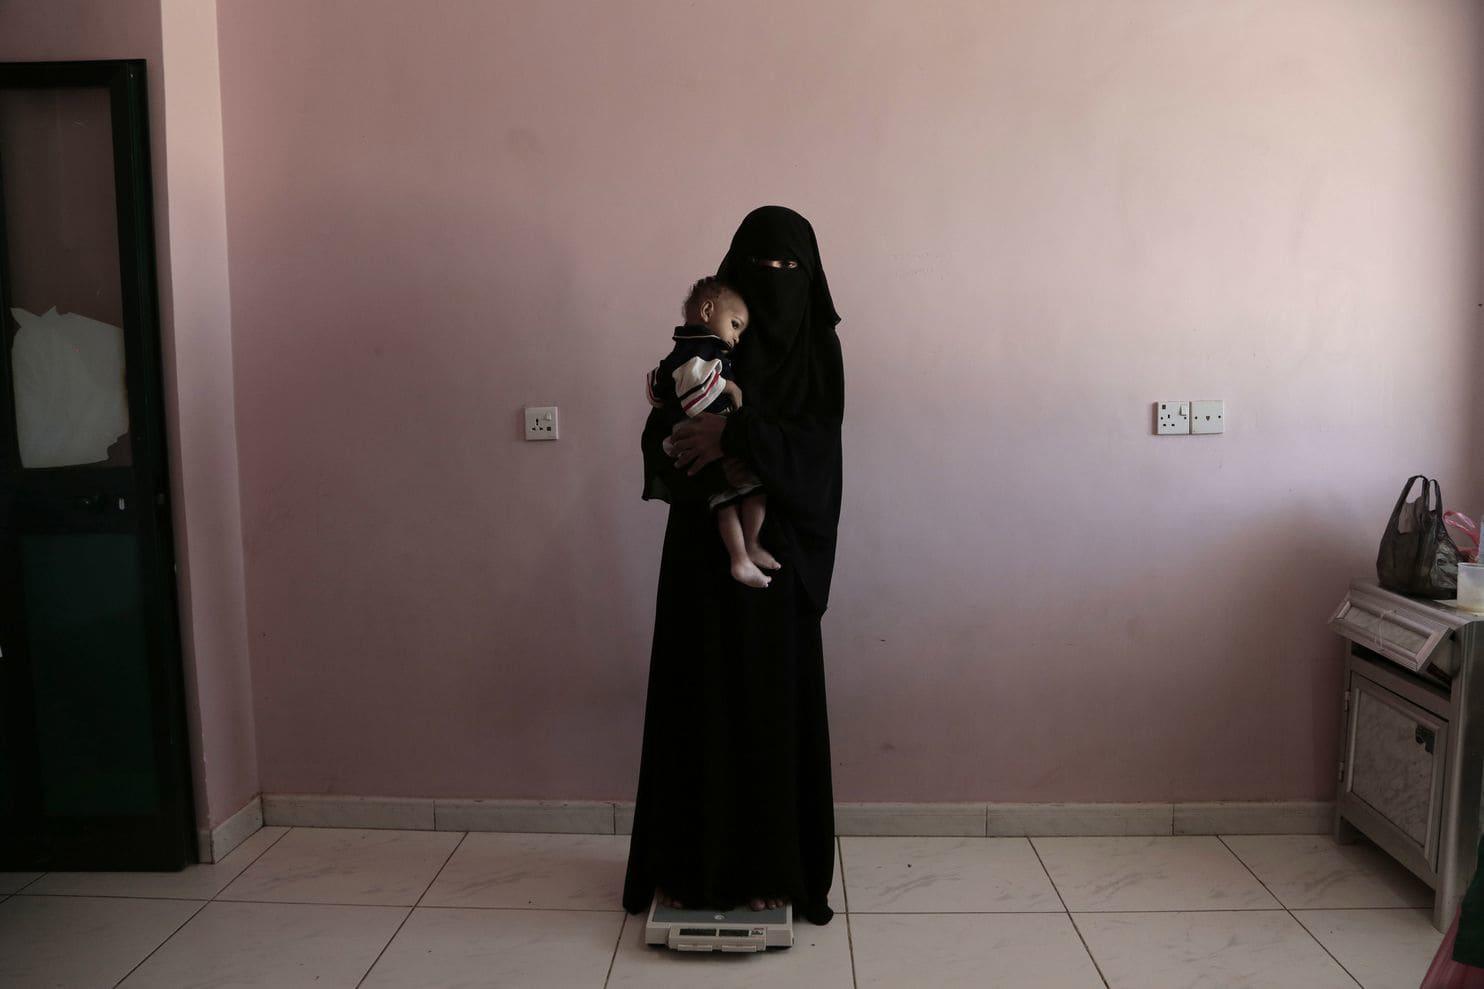 مادران یمنی برای نجات جان فرزندان خود از سهم غذایشان می گذرند